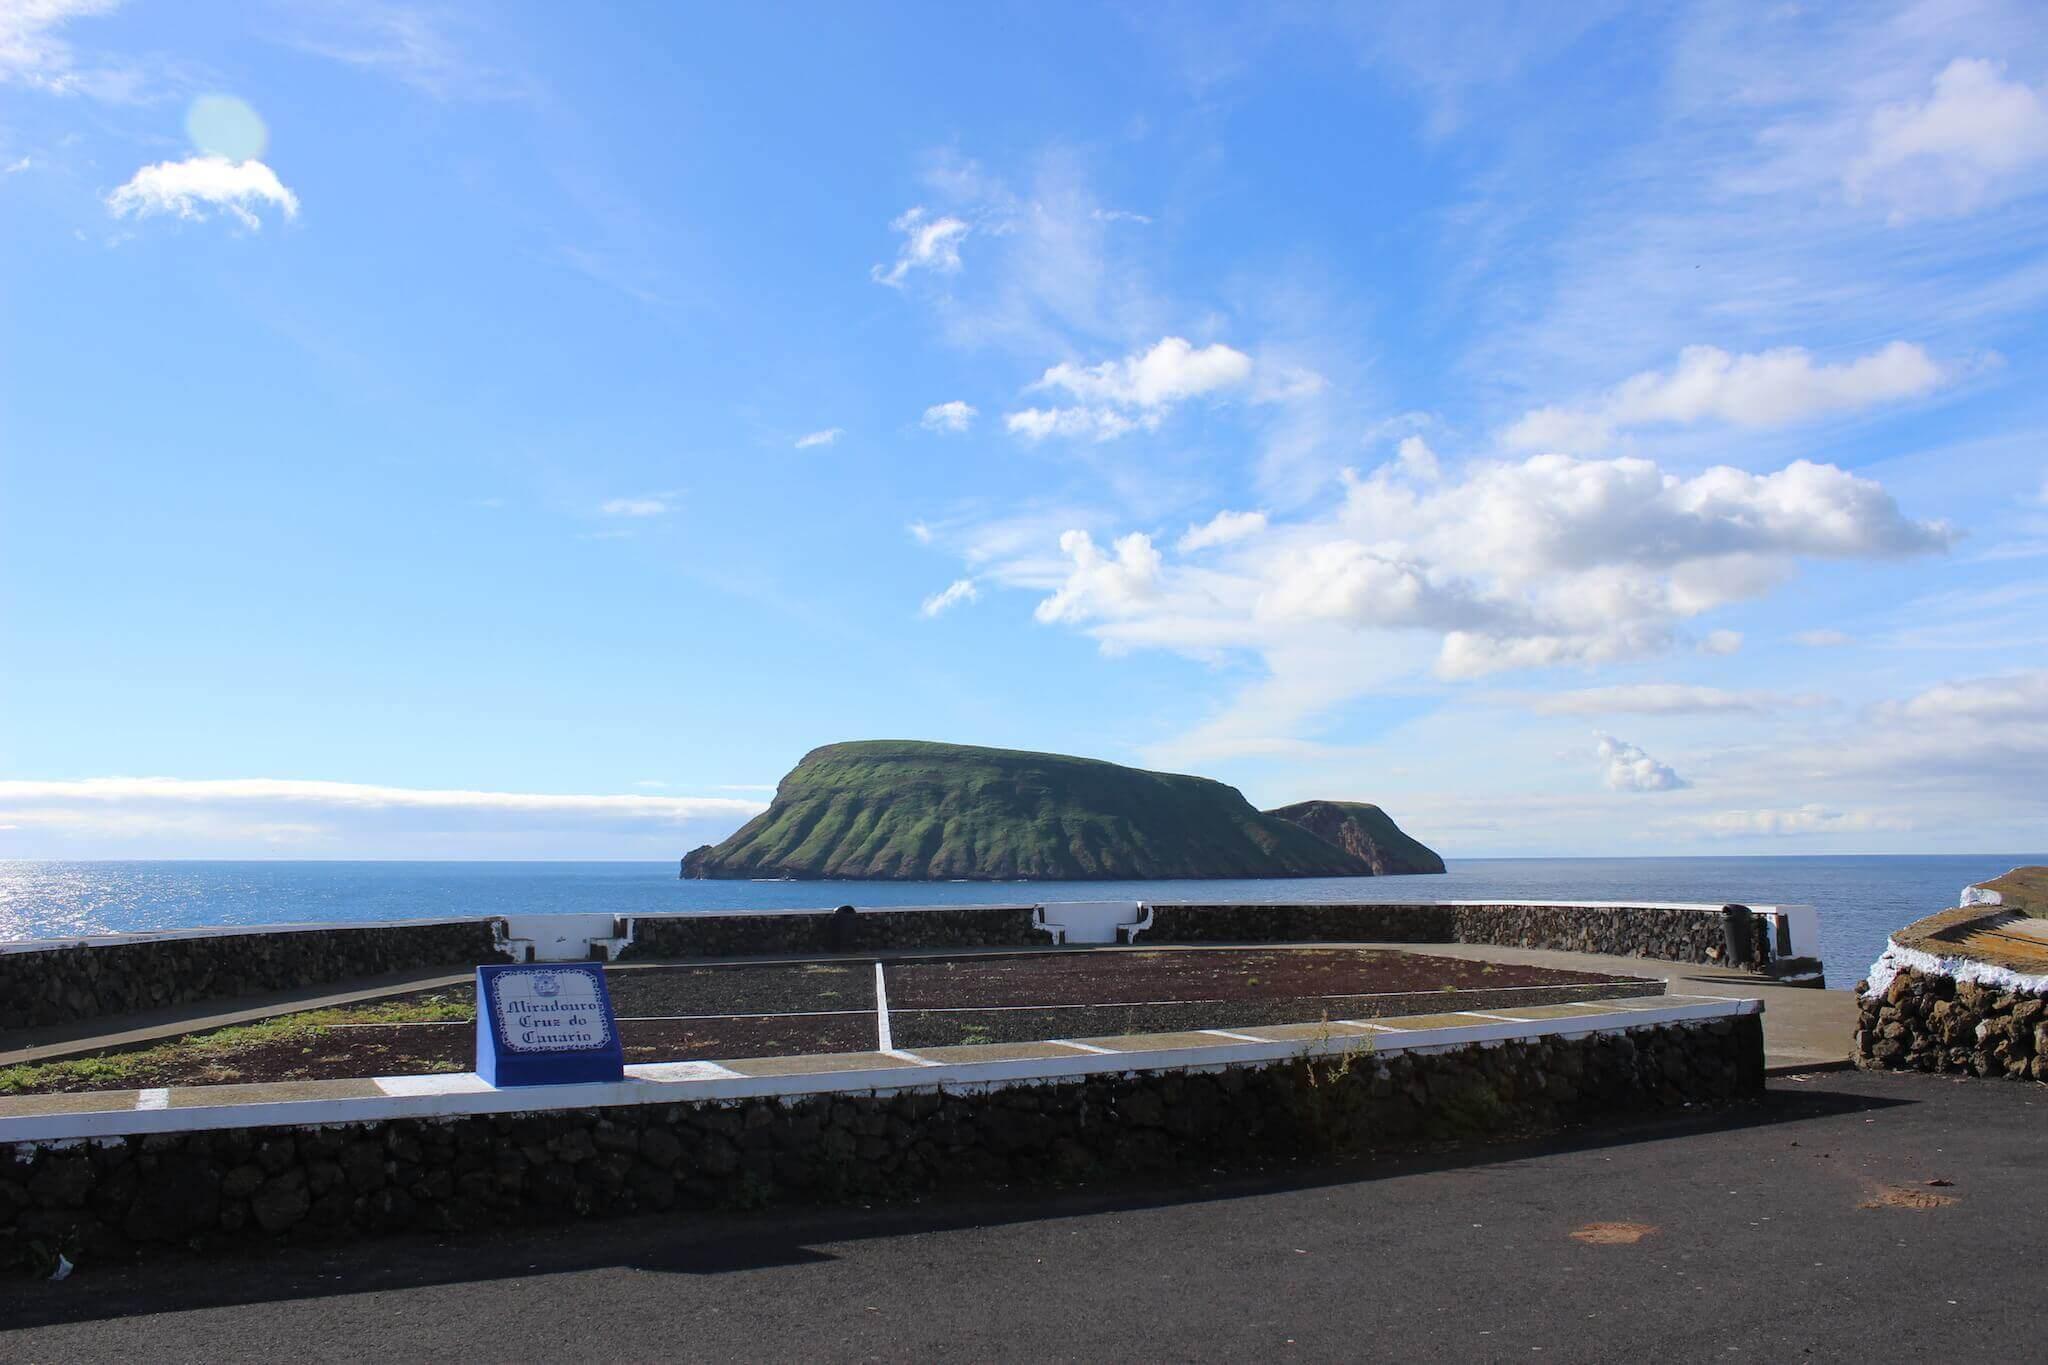 Miradouro da Cruz do Canário - Praia da Vitória, Terceira - Açores